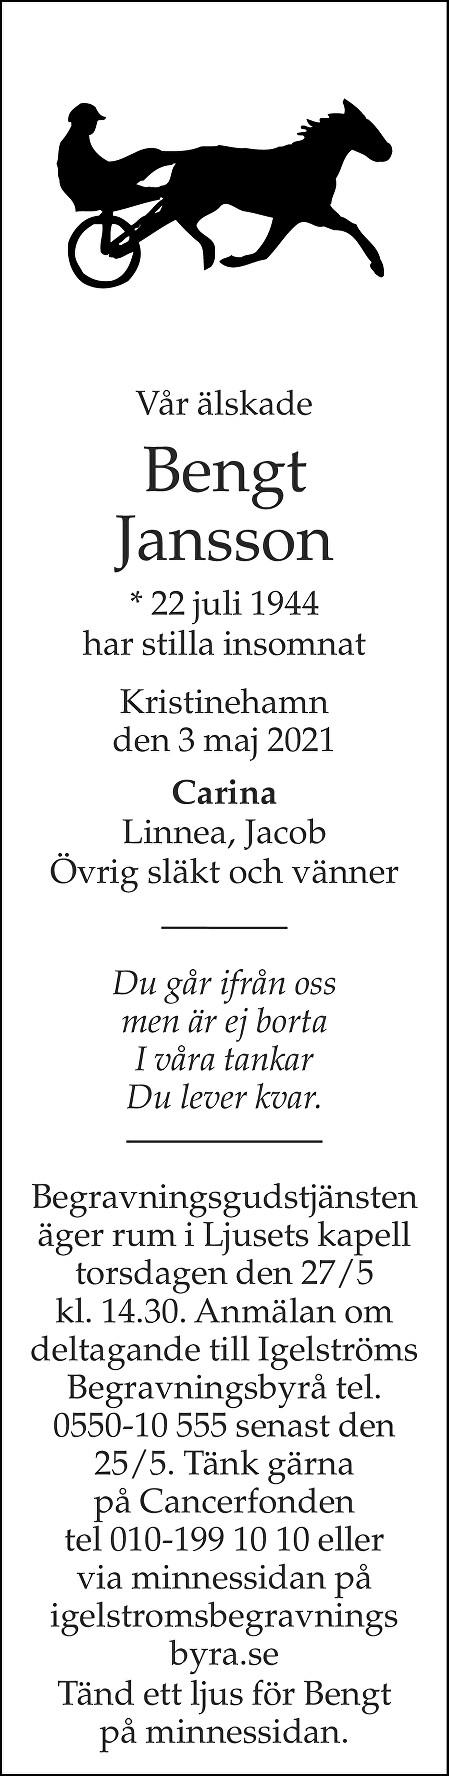 Bengt Jansson Death notice